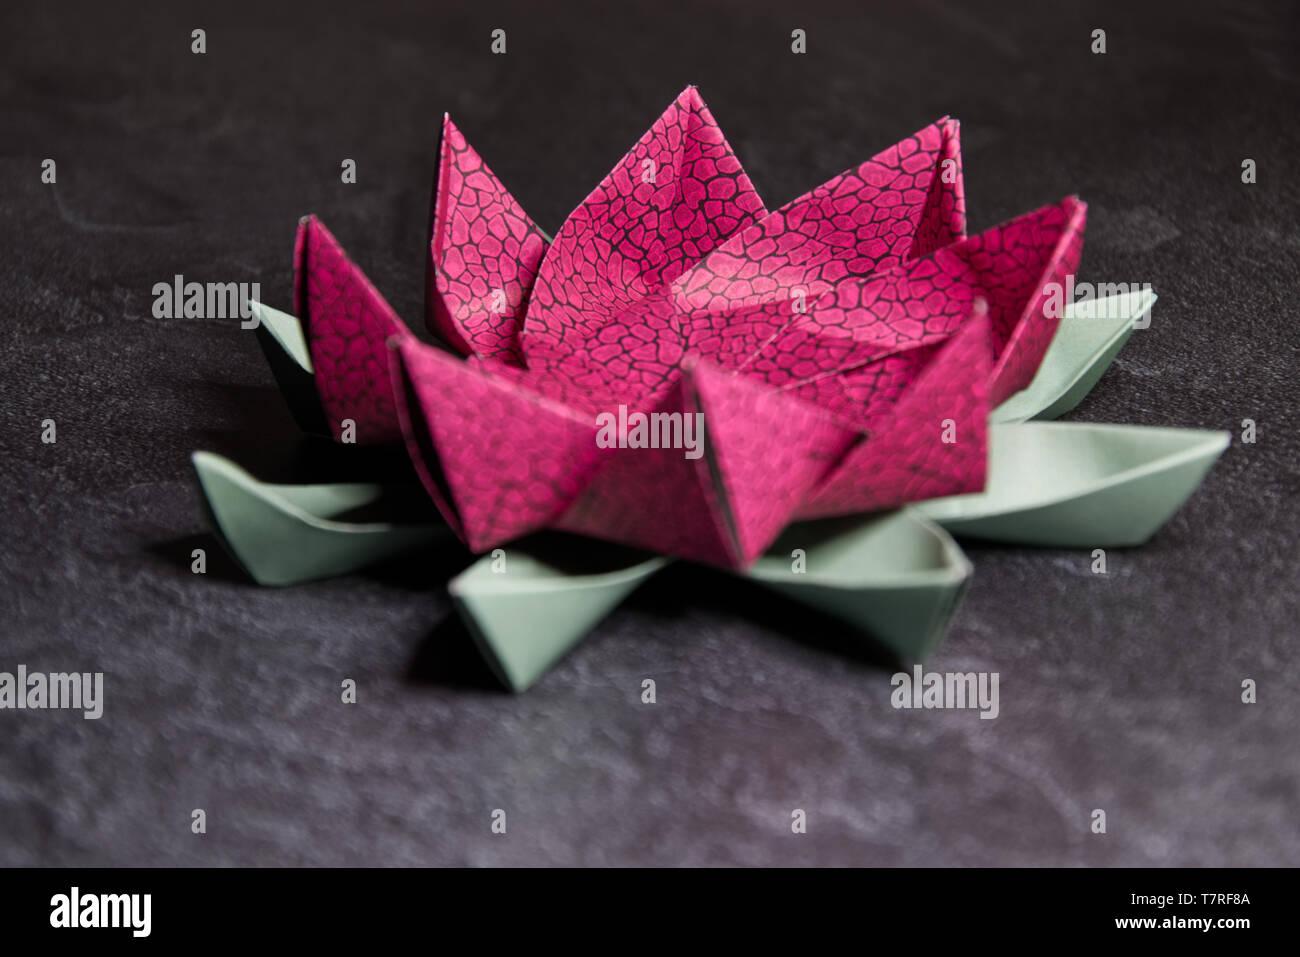 Rosa Origami Lotus Blume - Ars und Kunsthandwerk, Papier Kunst auf strukturierte Stein Backgrund Stockfoto